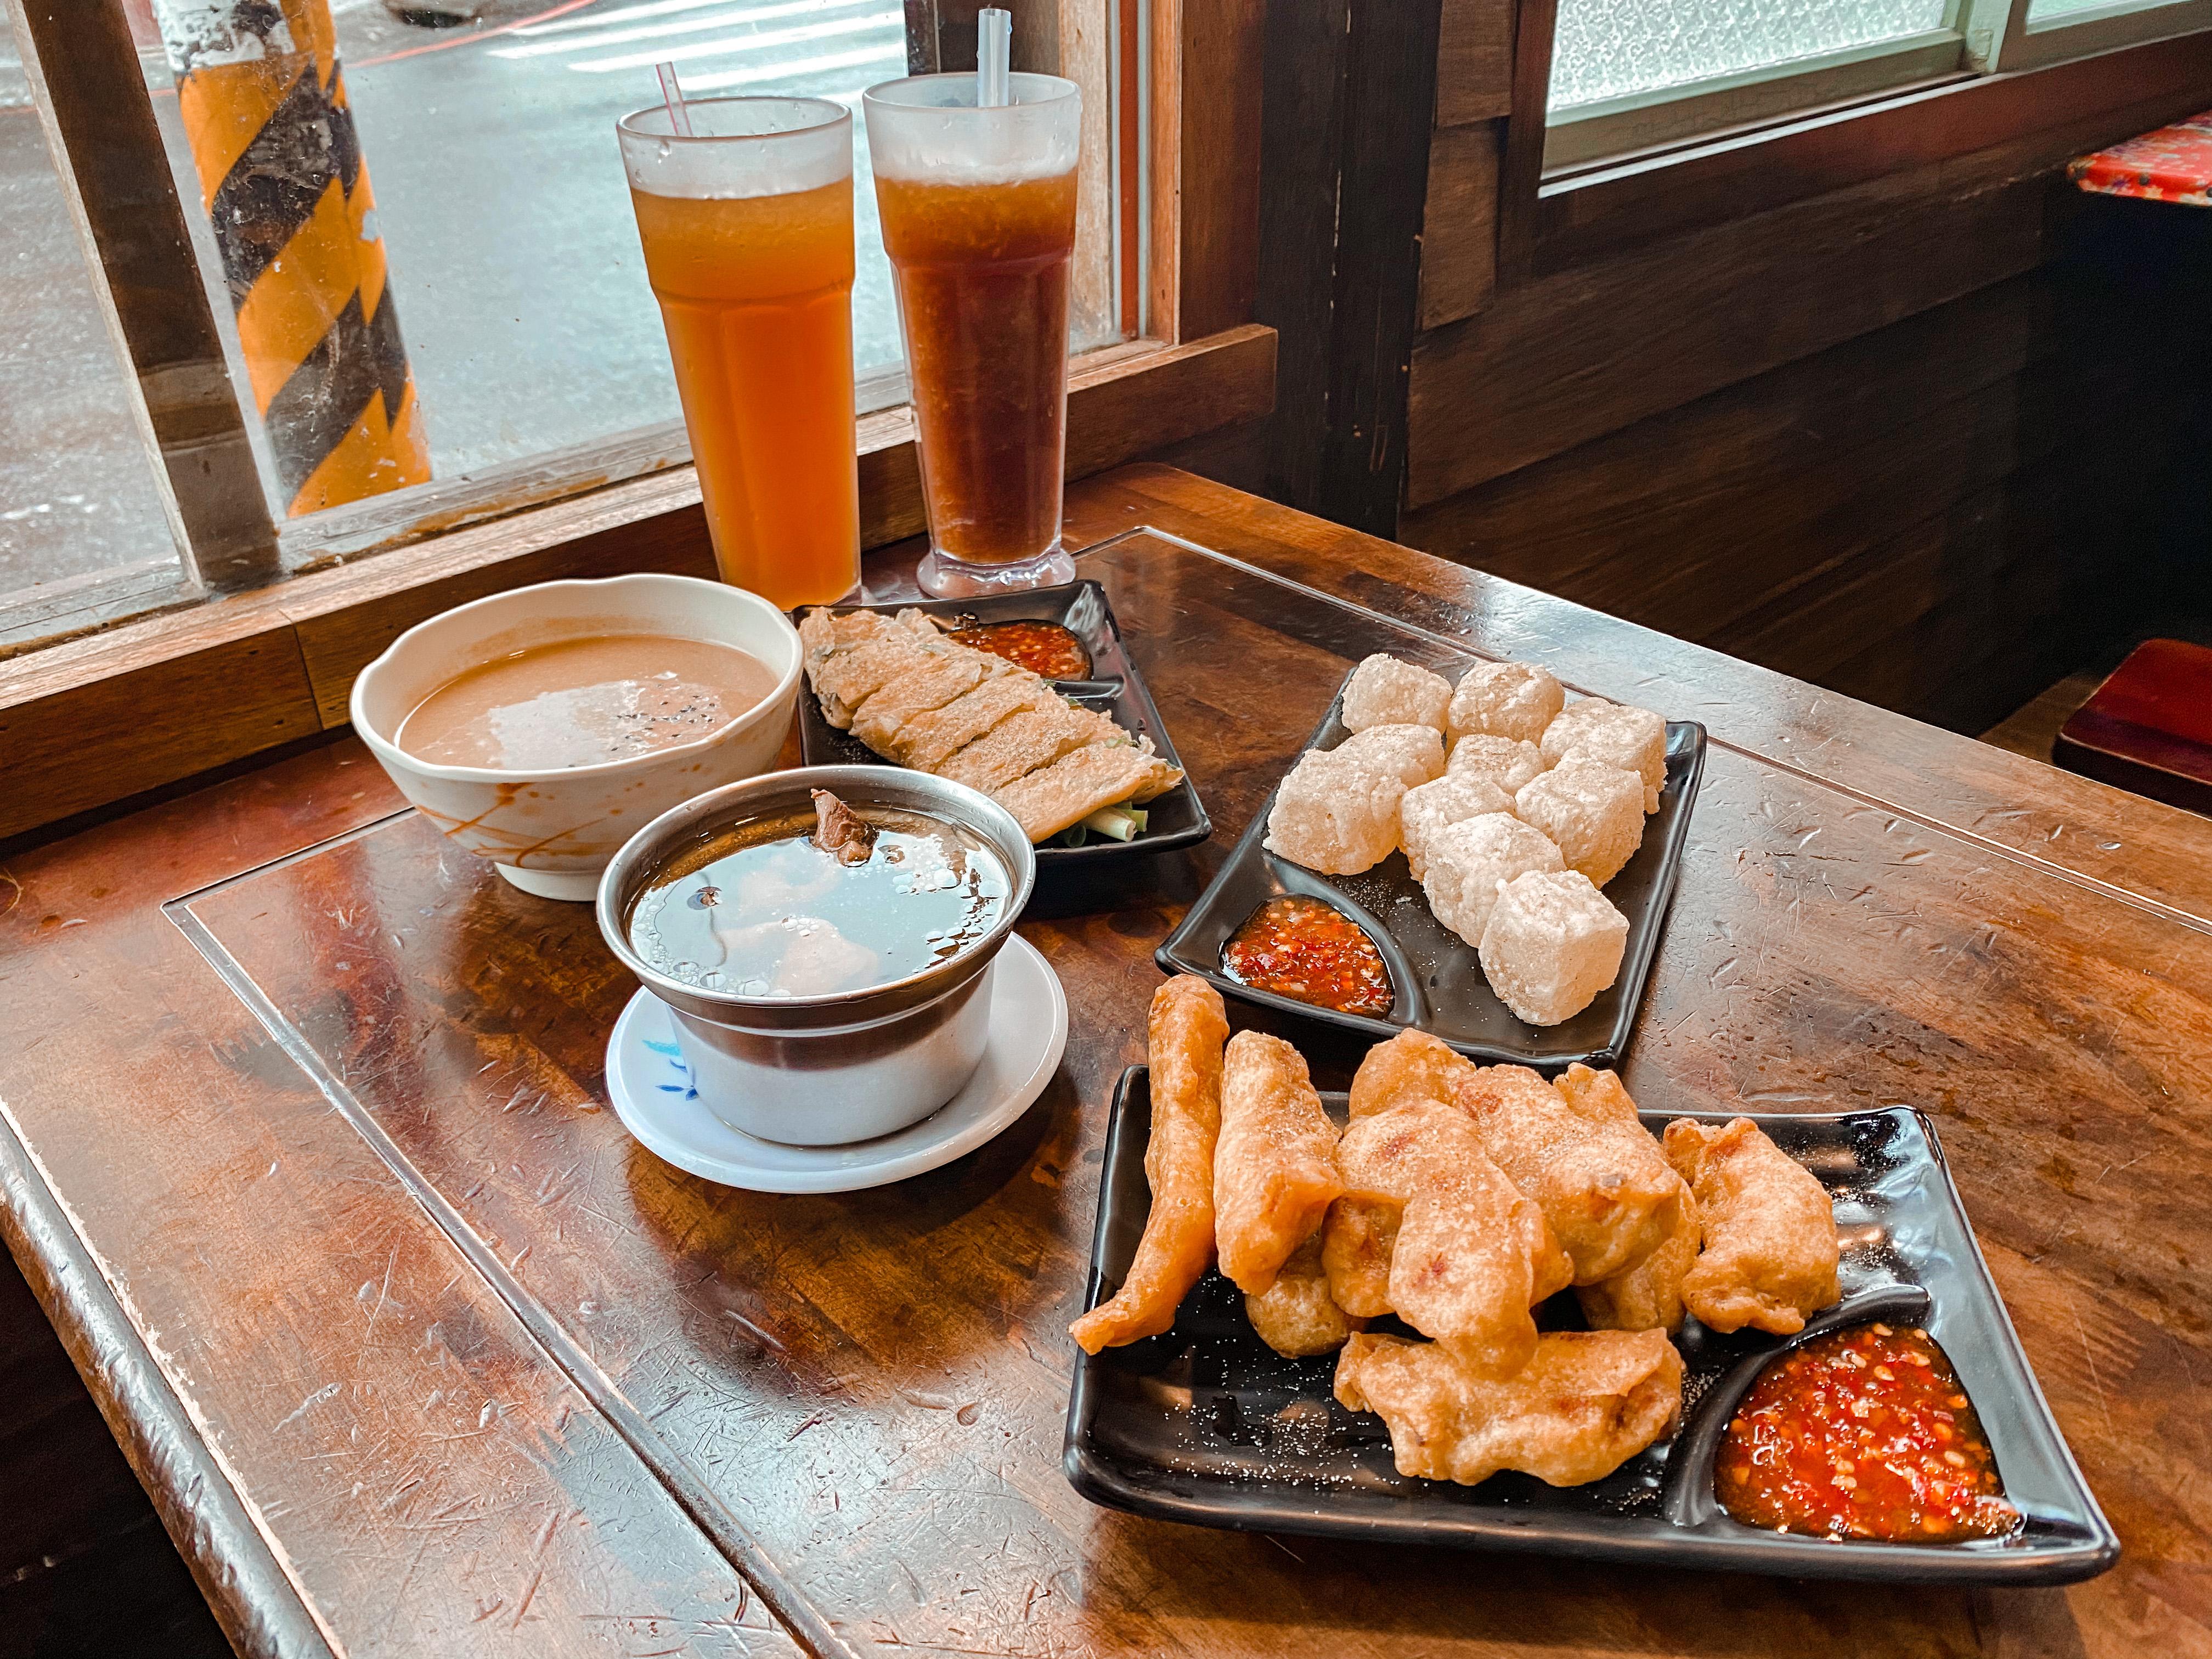 宜蘭烏石港衝浪推薦|極酷衝浪俱樂部宜蘭頭城美食《老街懷舊食堂》